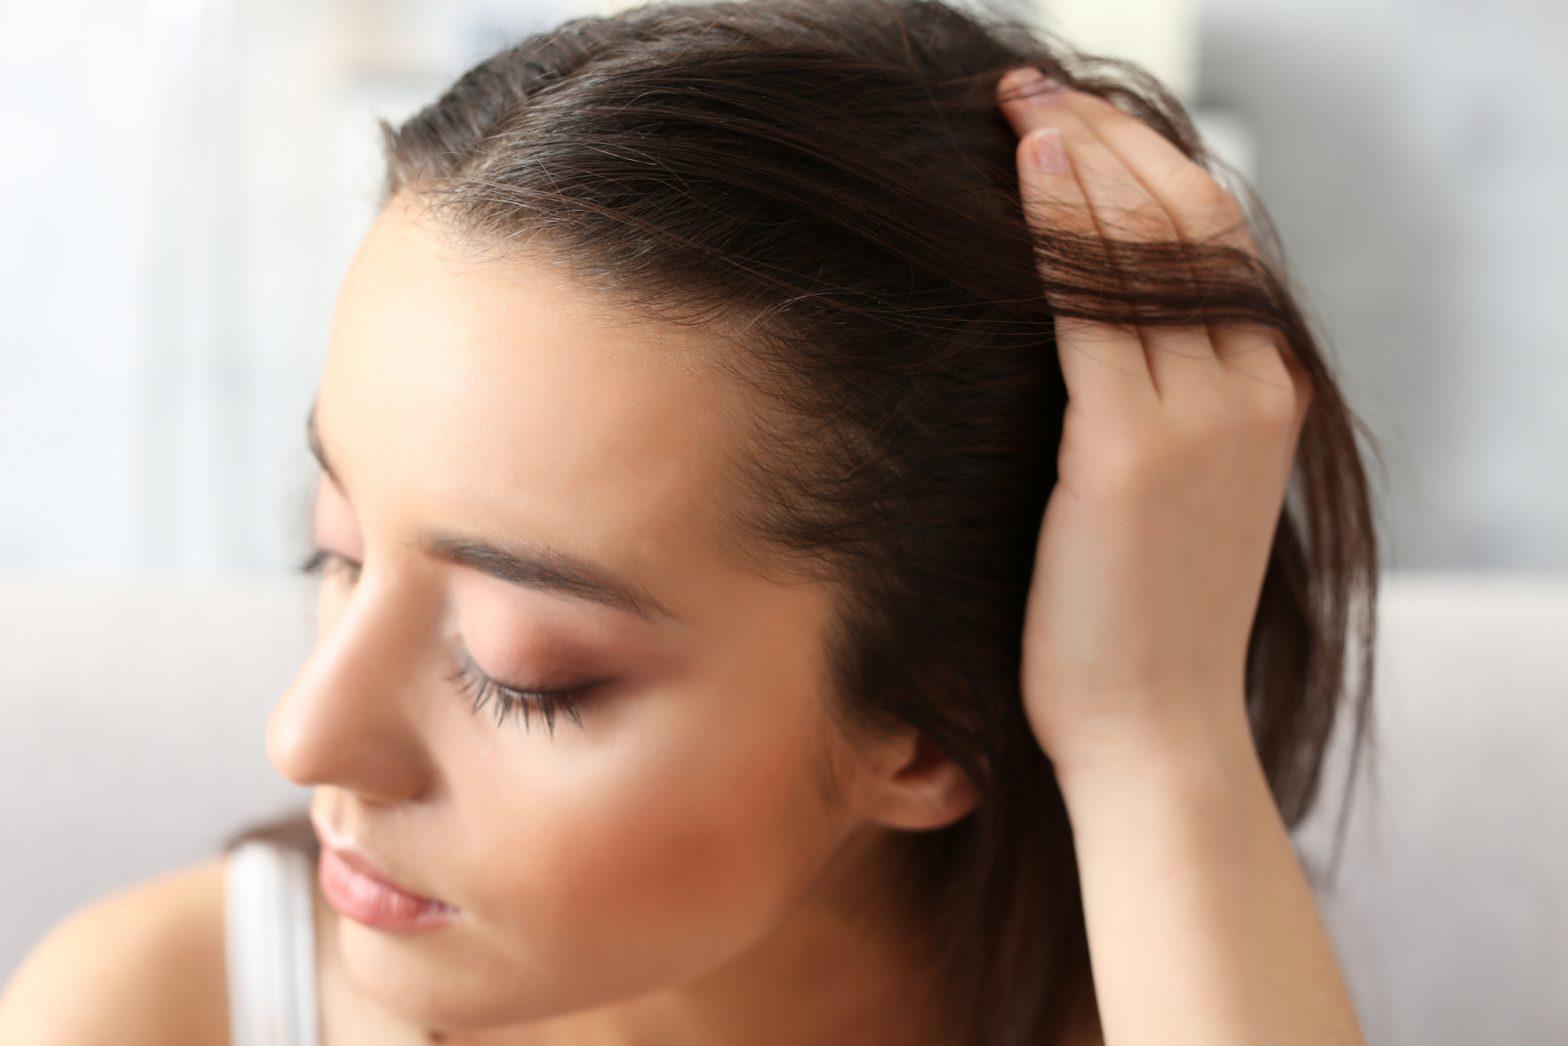 włosy ze skłonnością do przetłuszczania